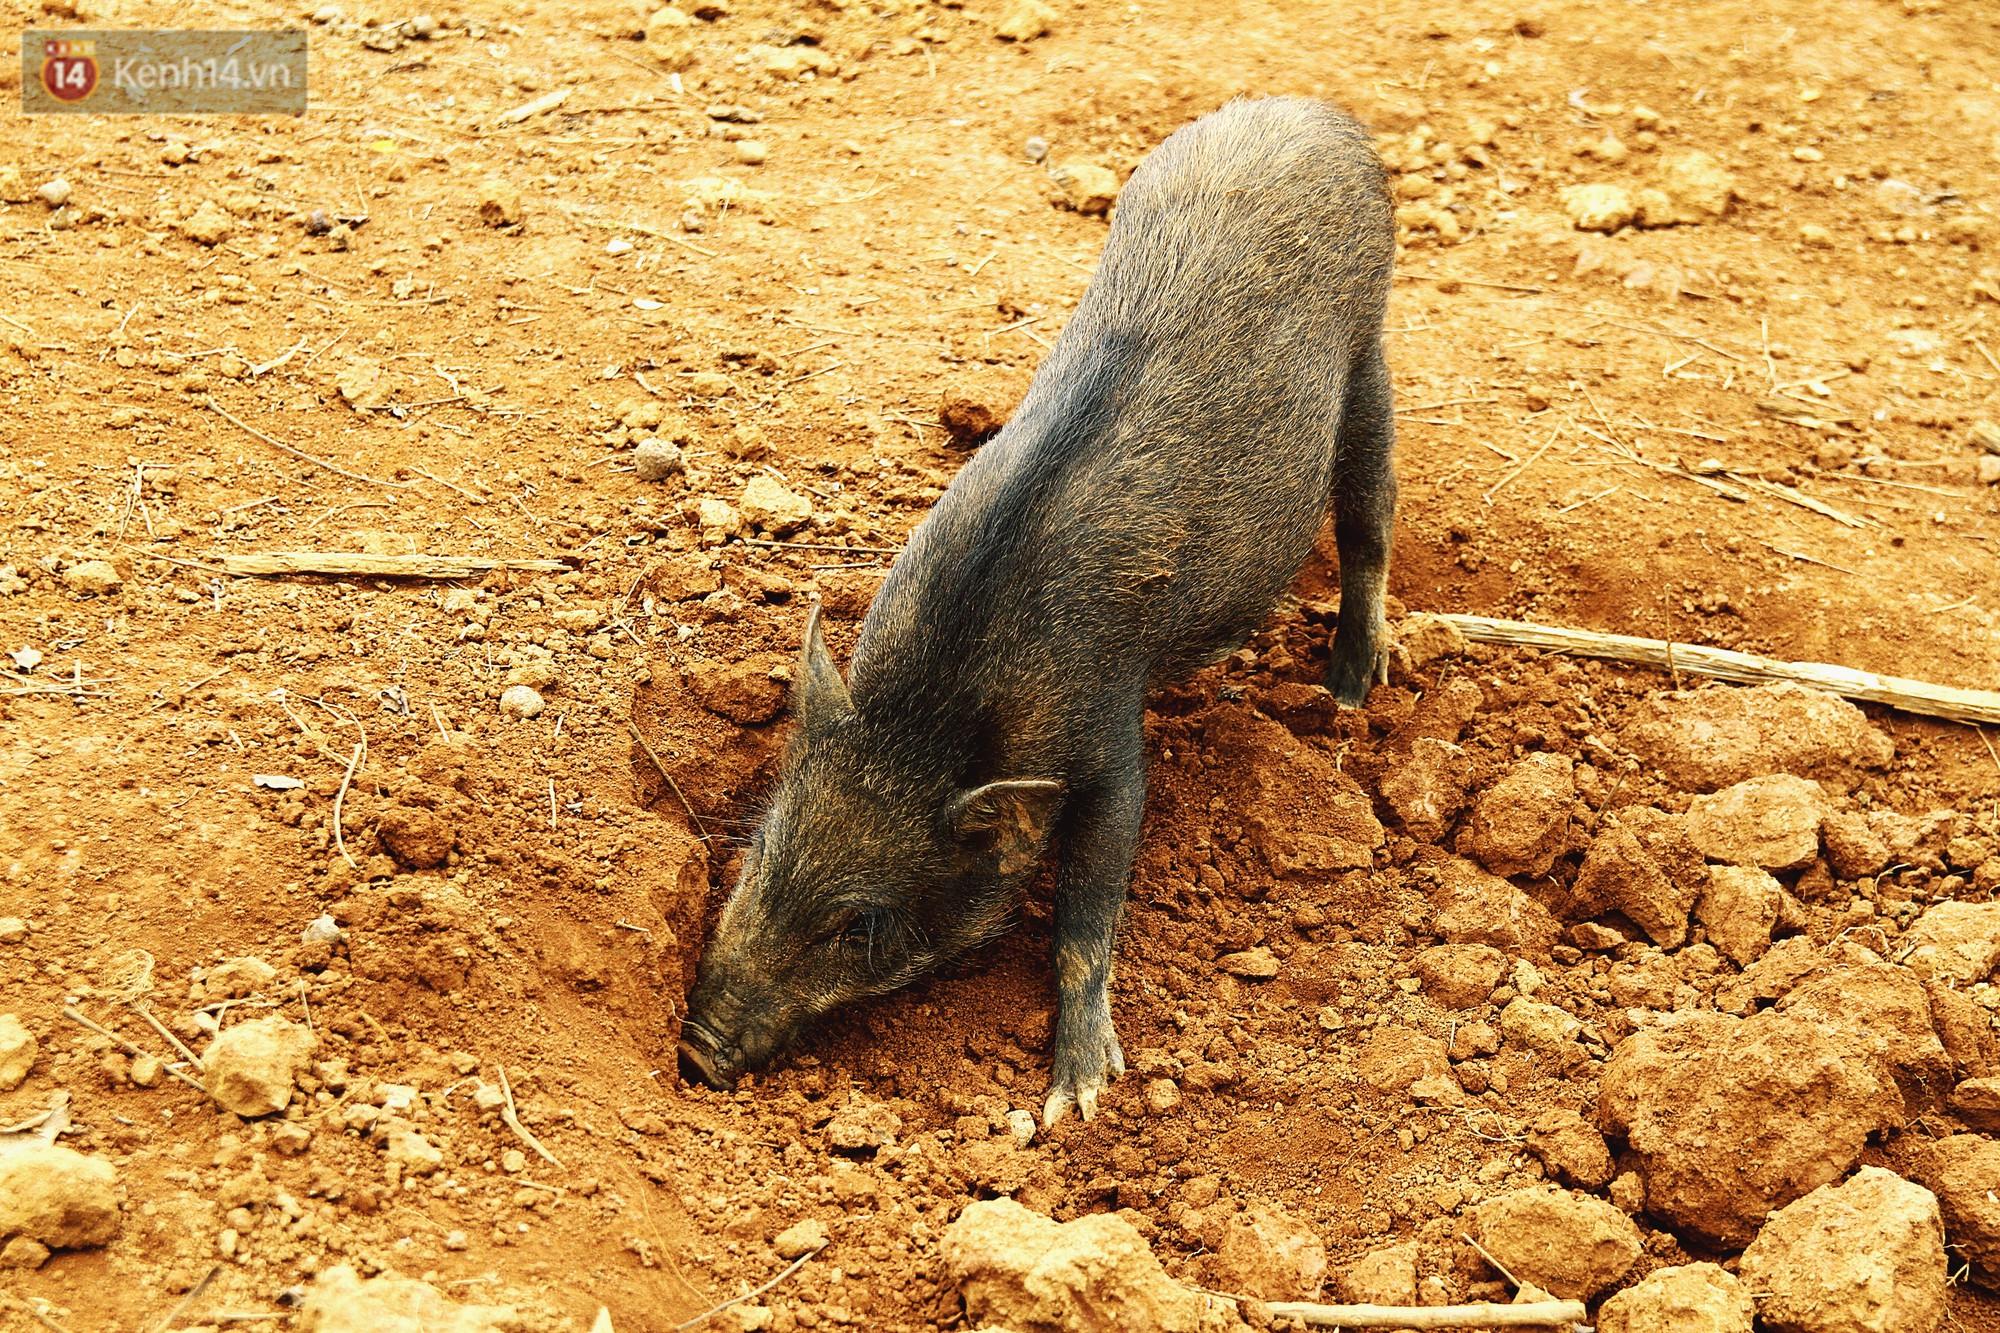 Chú lợn rừng hì hục ủi đất kiếm ăn.